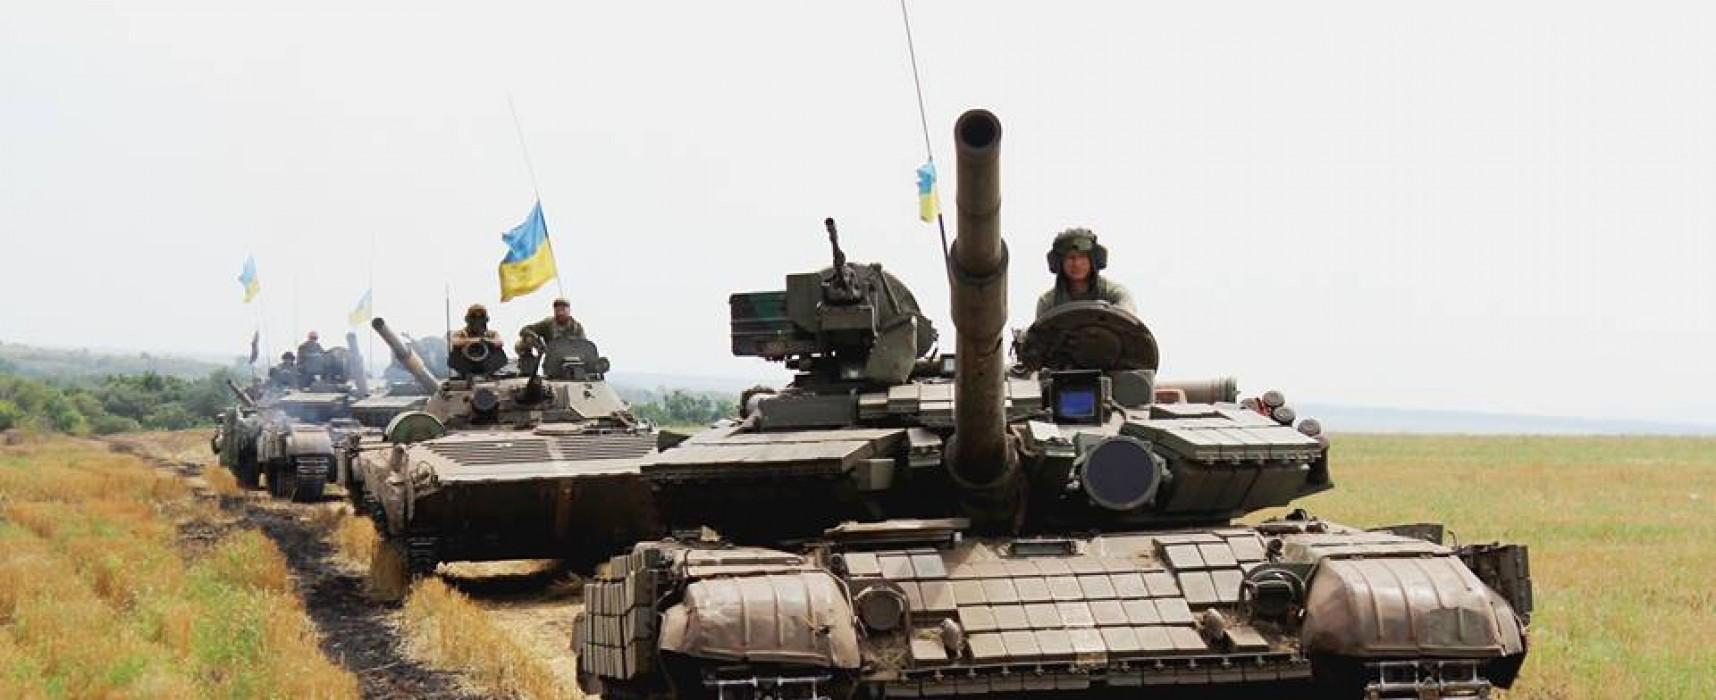 La guerra en Ucrania está de vuelta, ¿por qué nadie lo menciona?